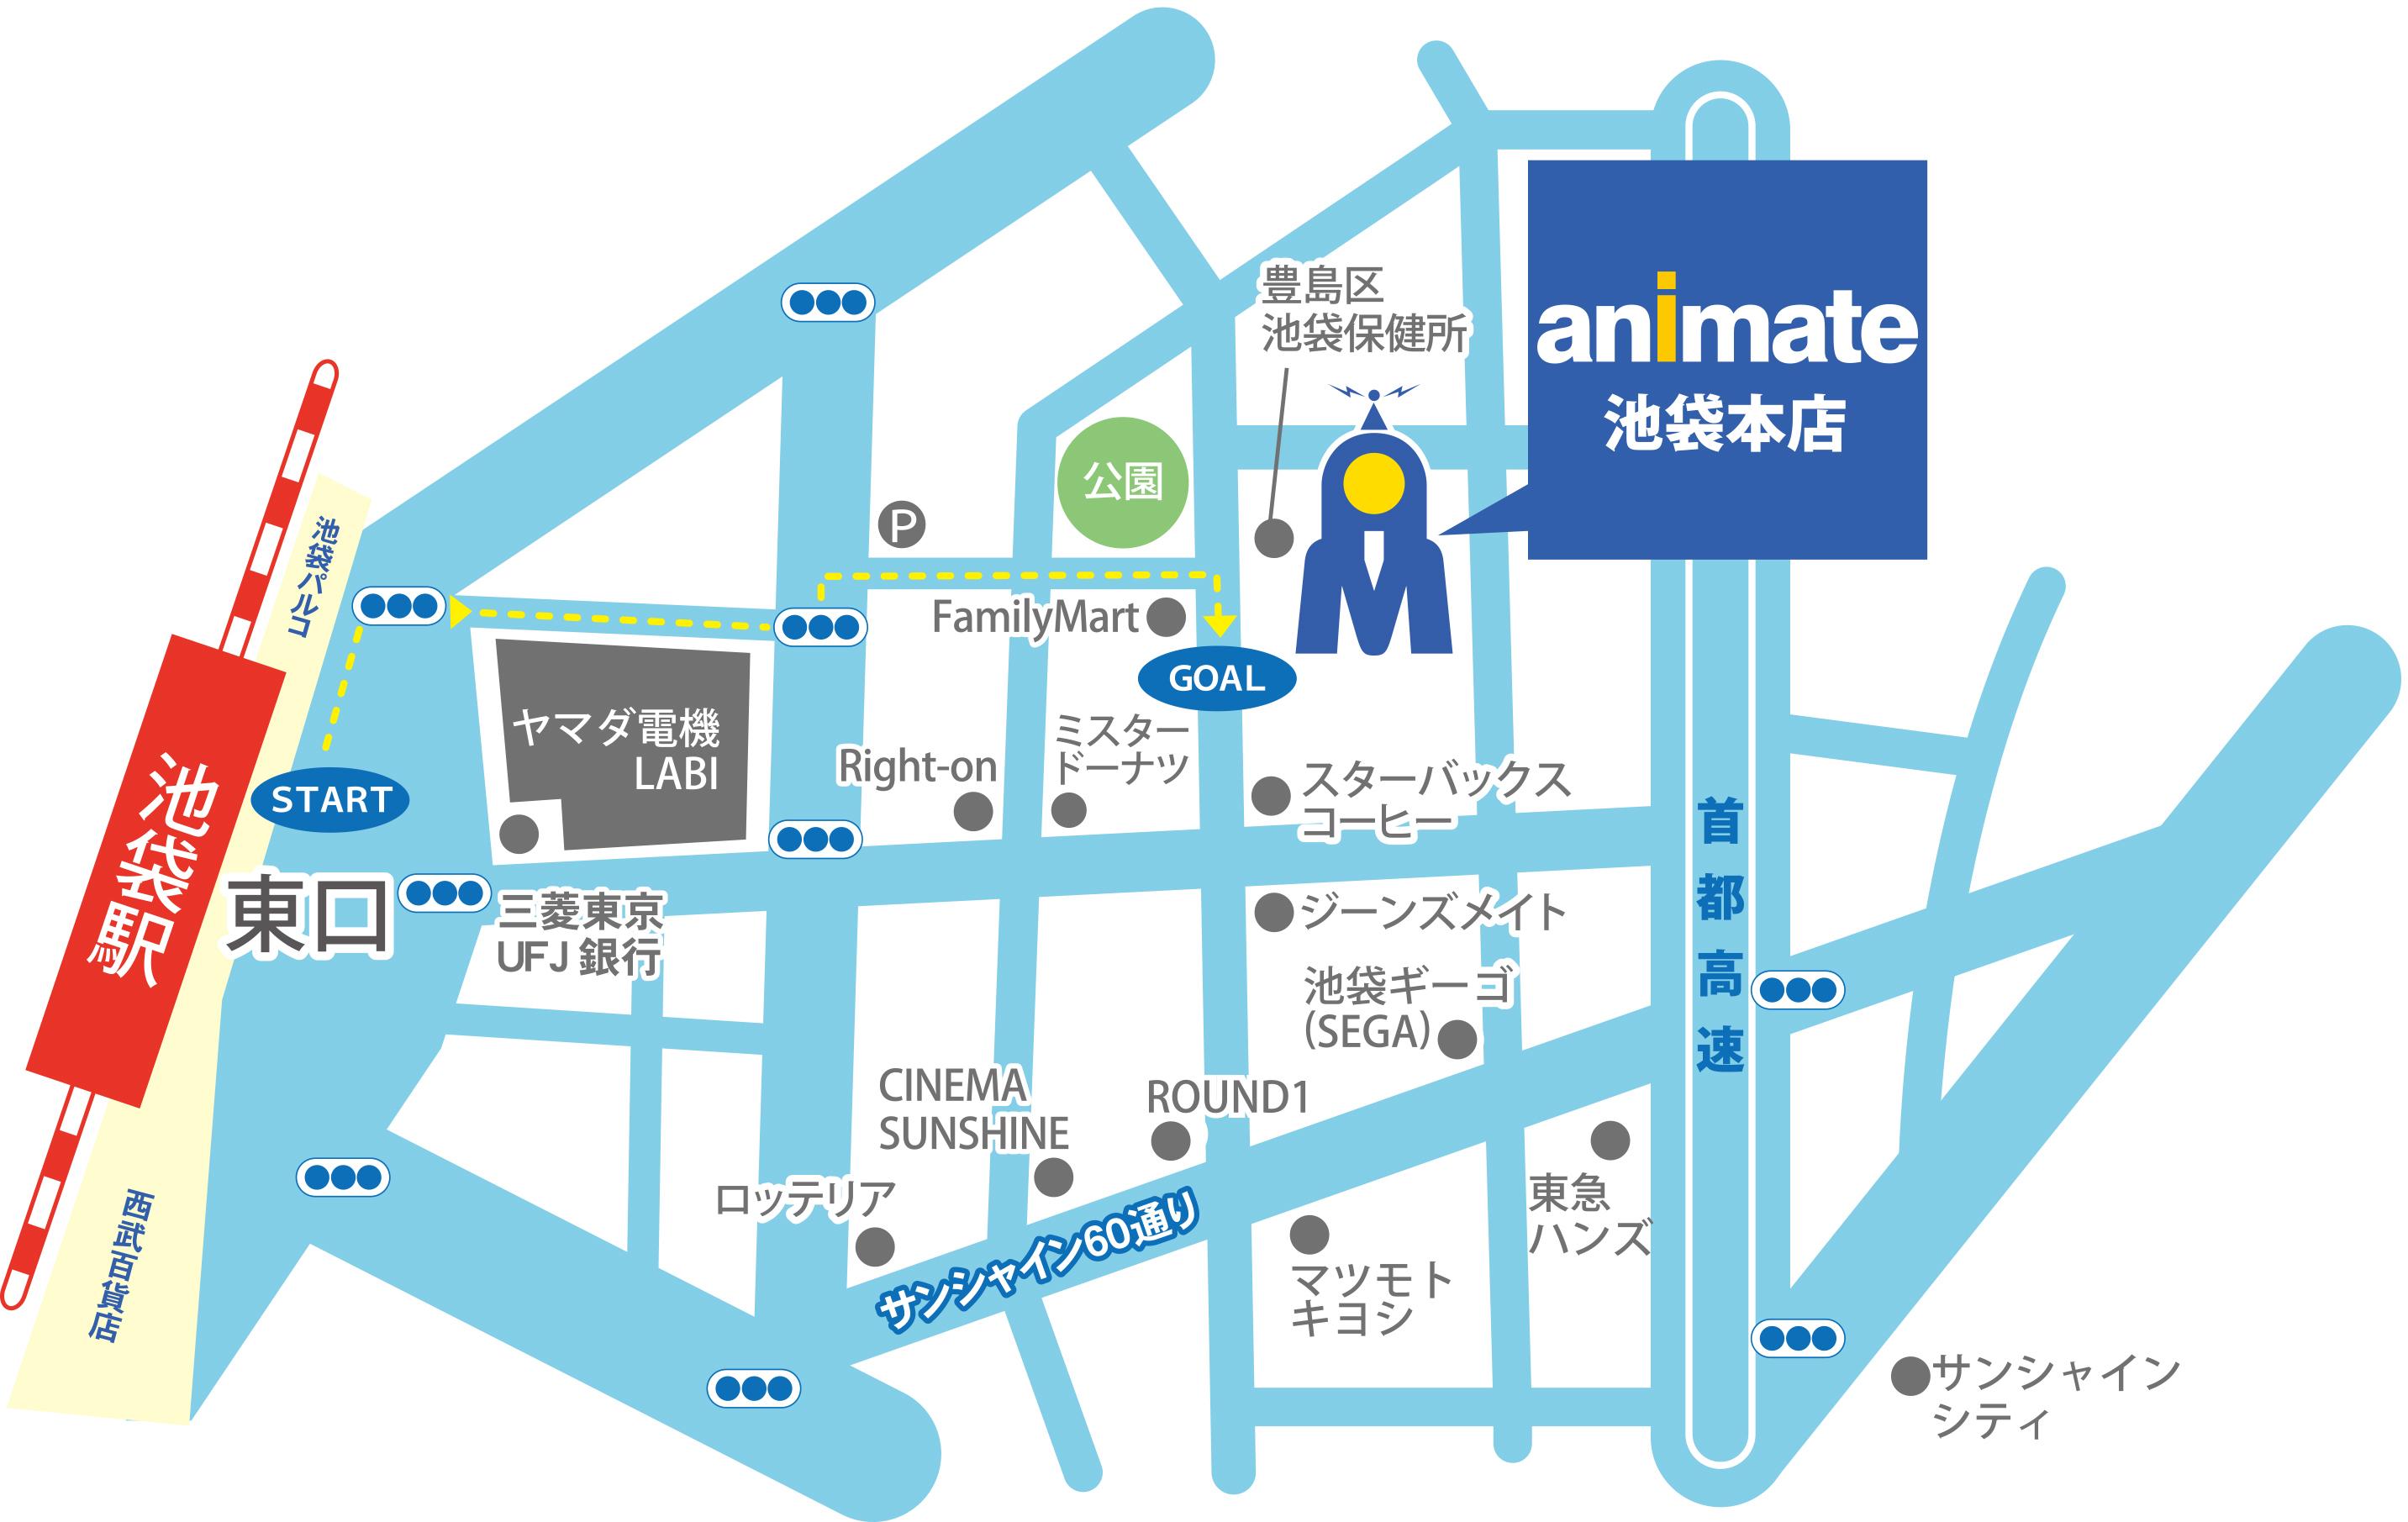 『アニメイトホール(アニメイト池袋本店 9F)』※JR池袋駅より徒歩約5分